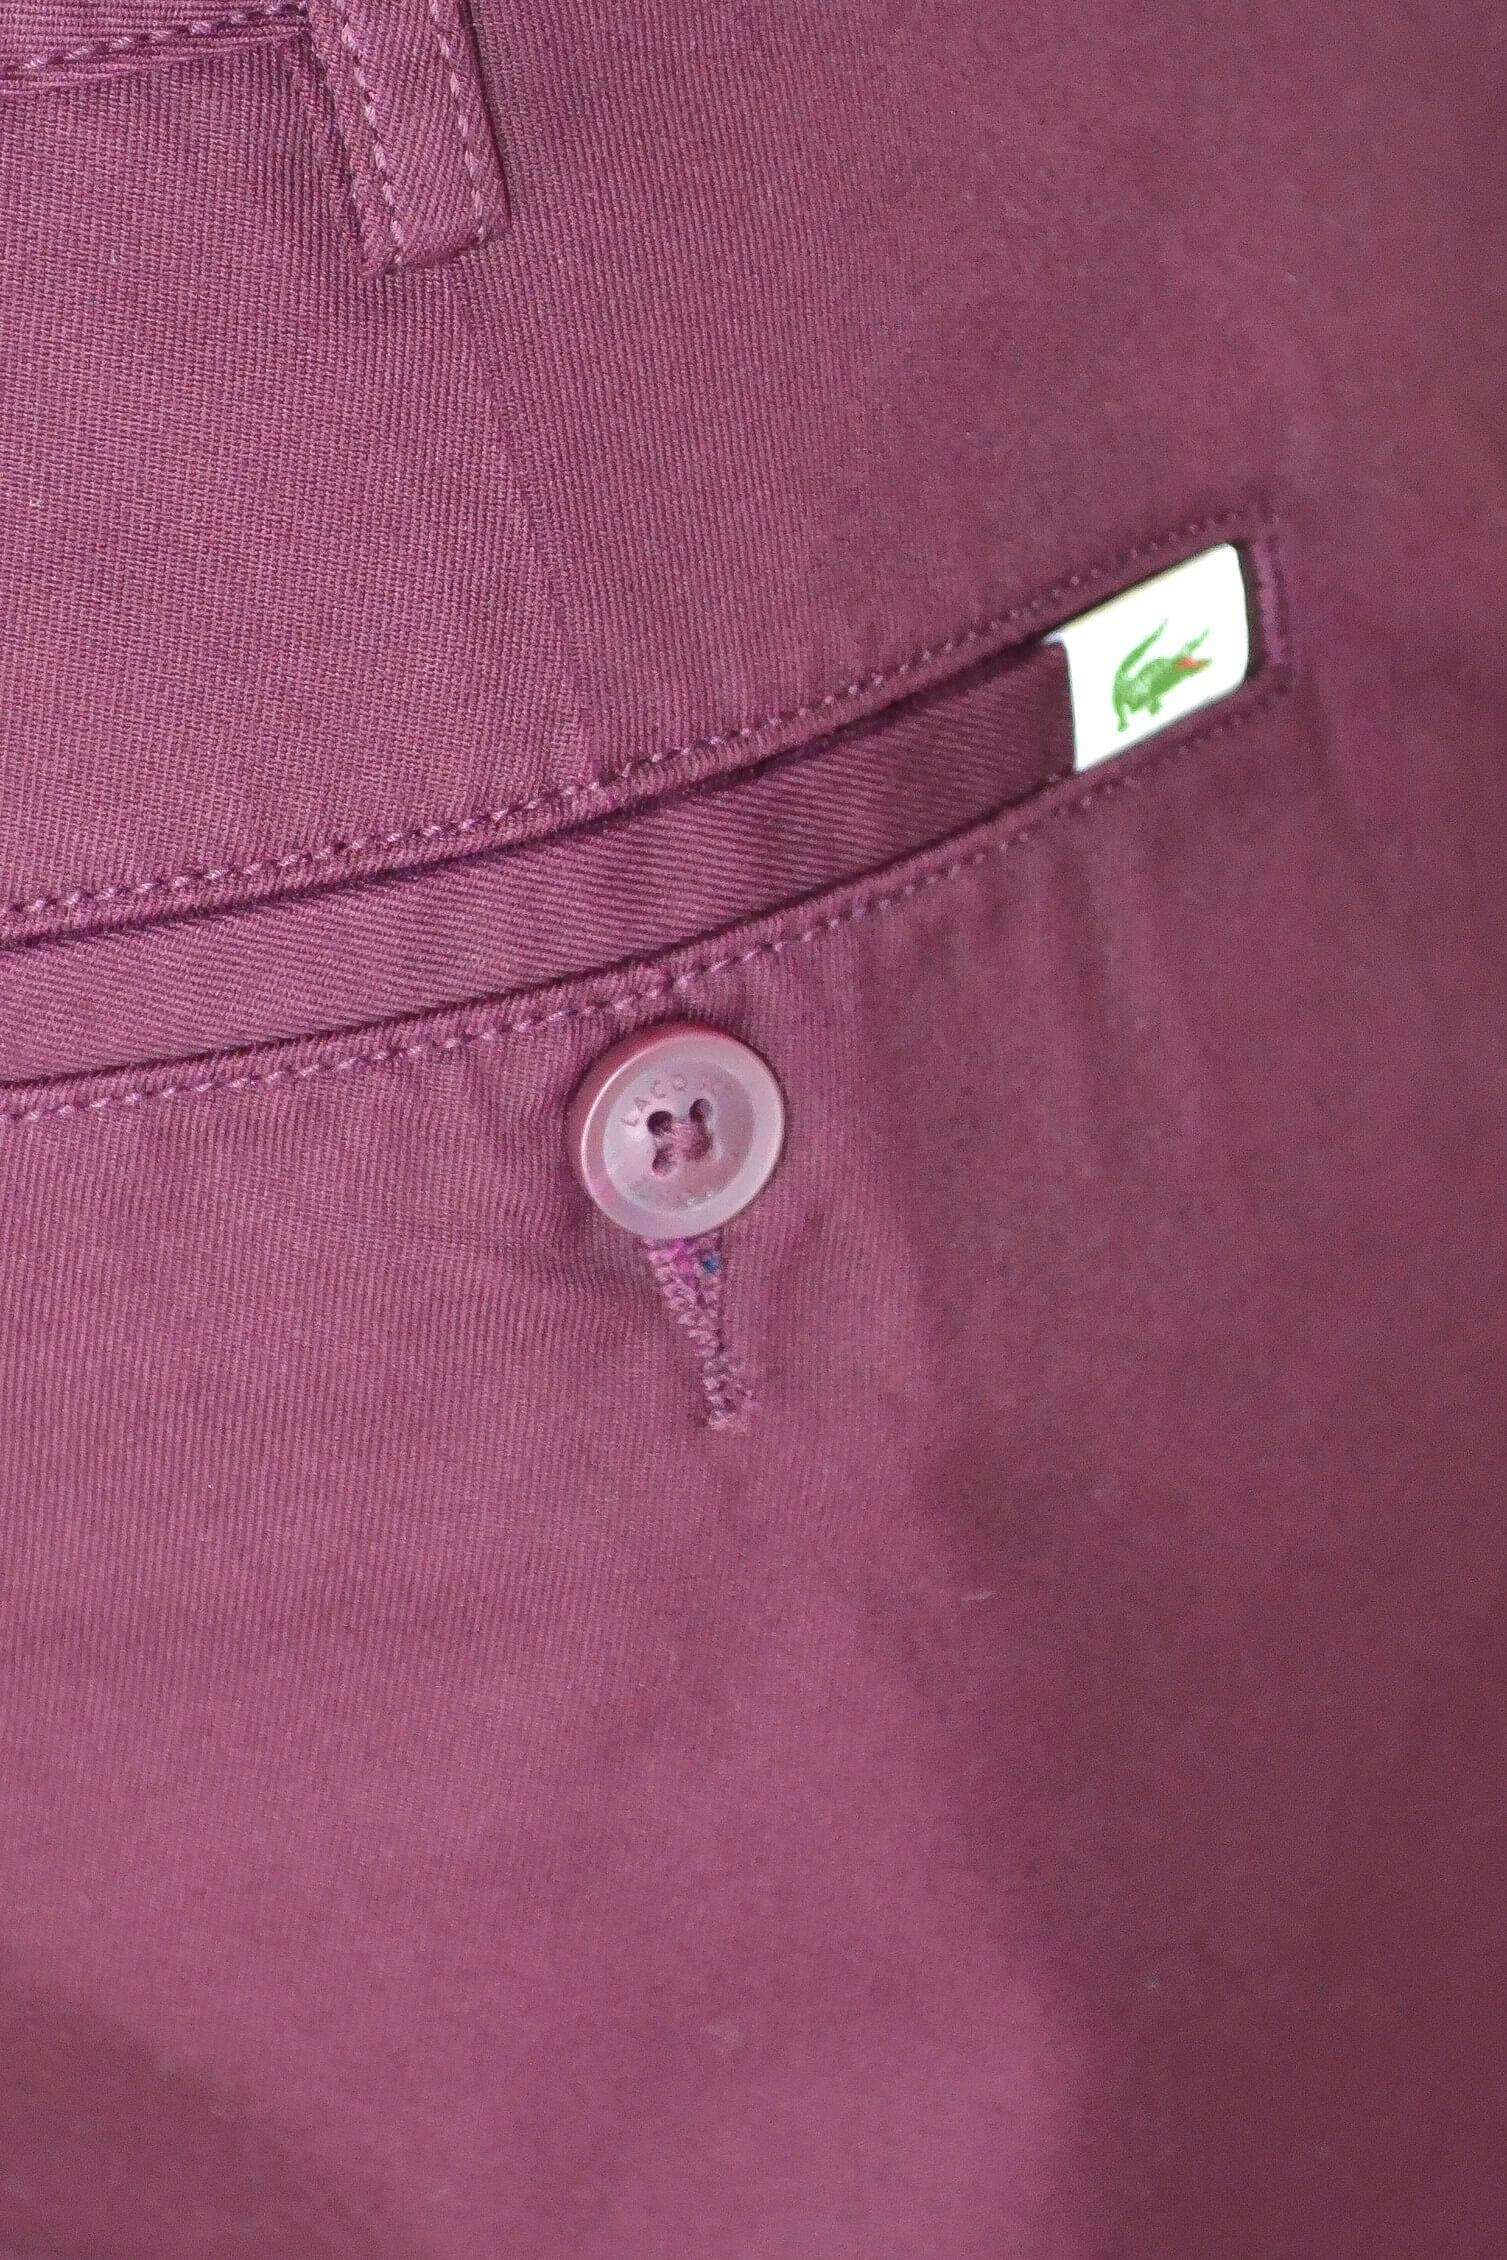 Lacoste Homme Pour Bordeaux Meil Rouge Au Chino Pantalon Toujours A7Pfz5w